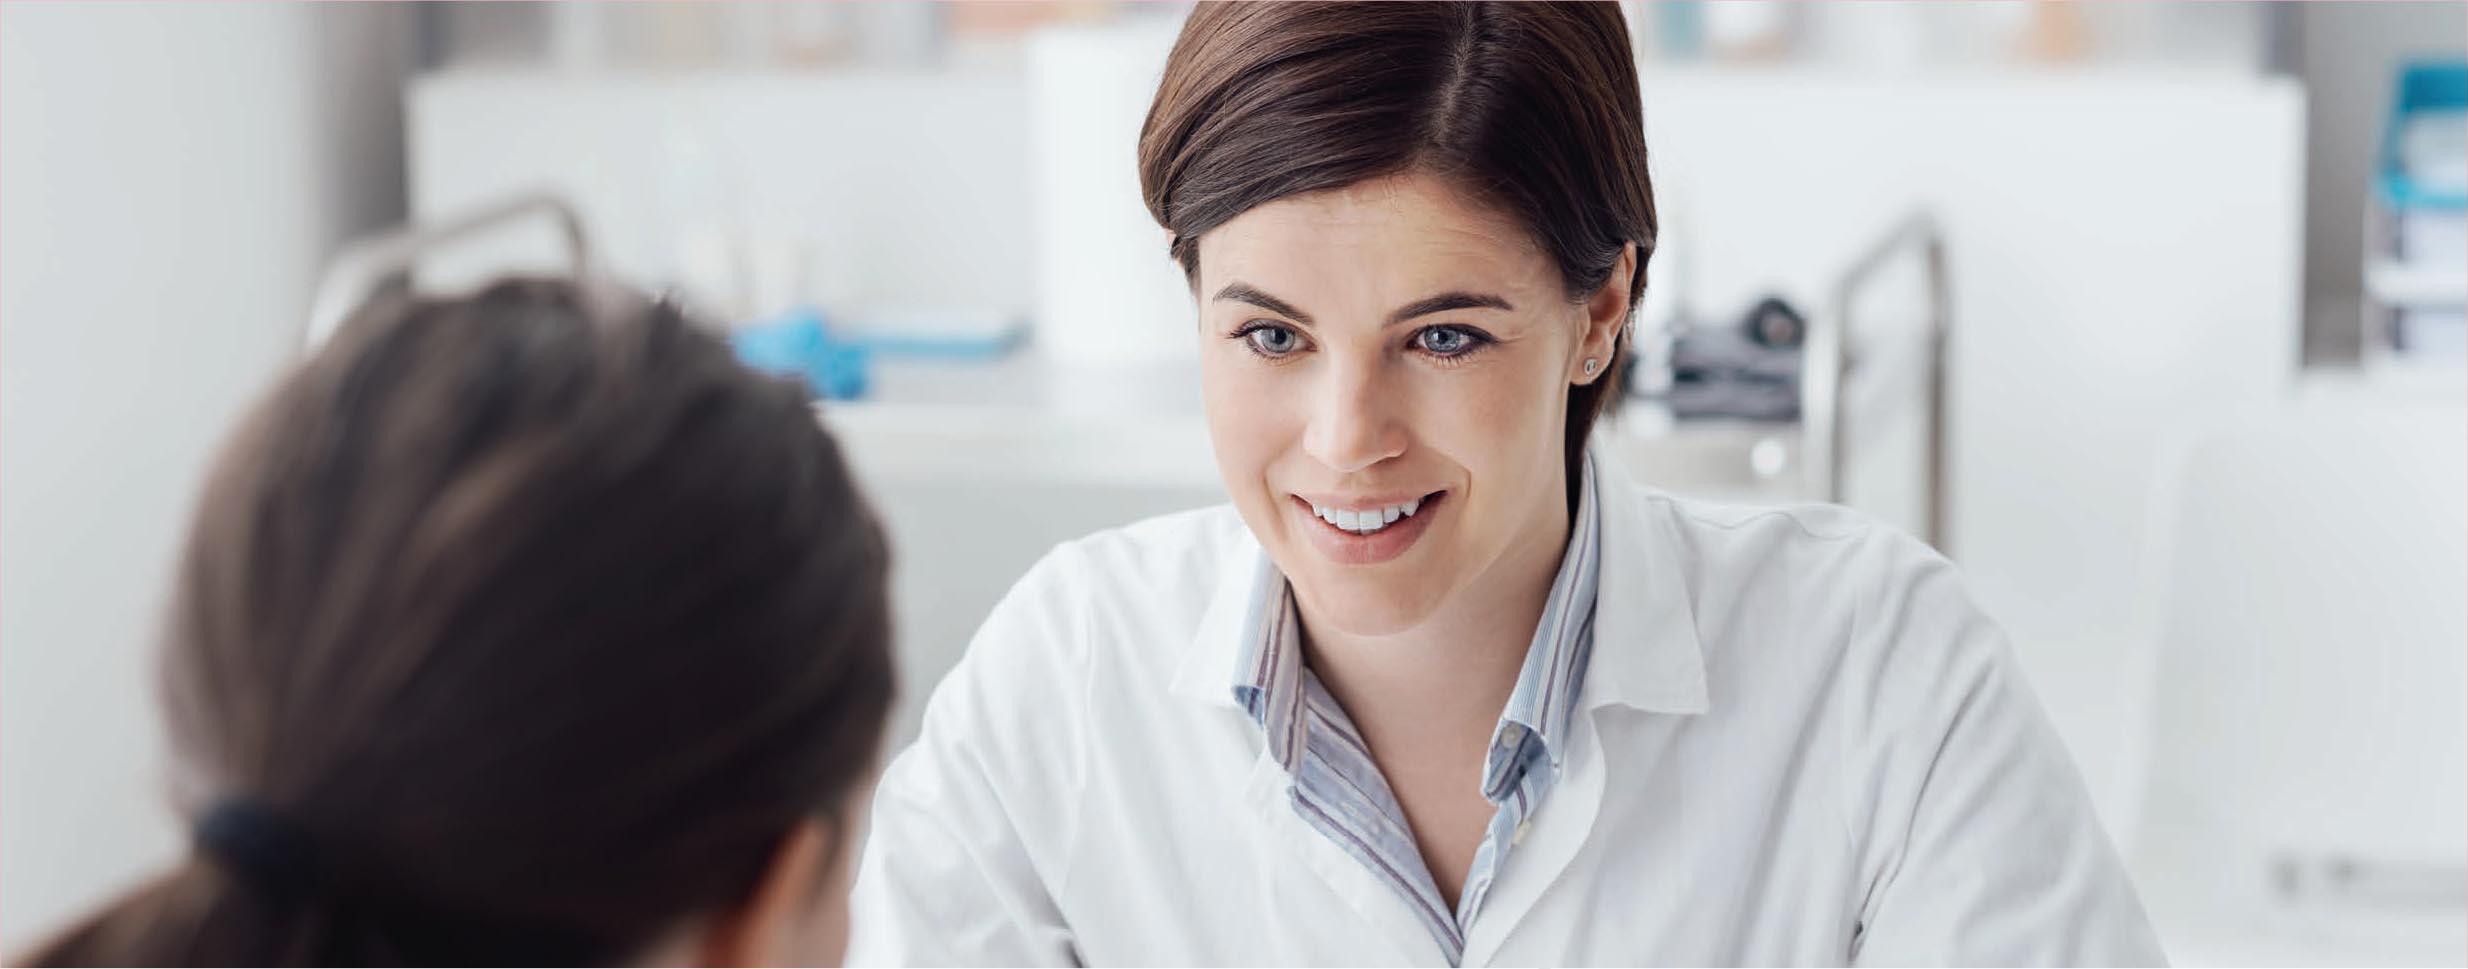 Facharzt für Nephrologie (m/w/d) - ze:roPraxen - Header